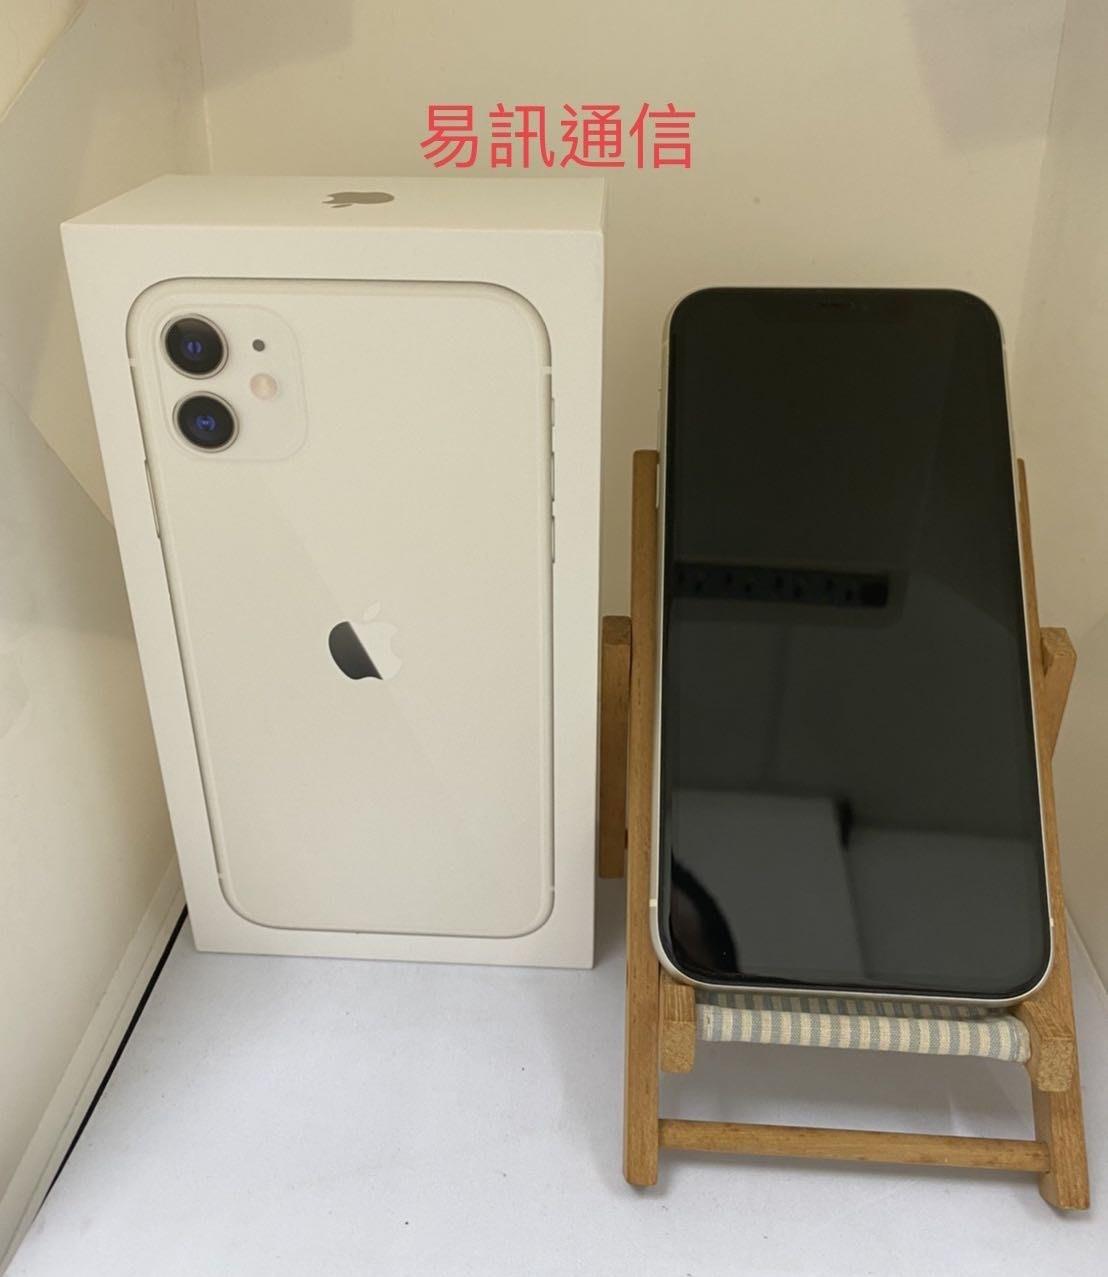 易訊通信~~二手 Apple iPhone 11 256GB (白色) 保固至2021/03/26